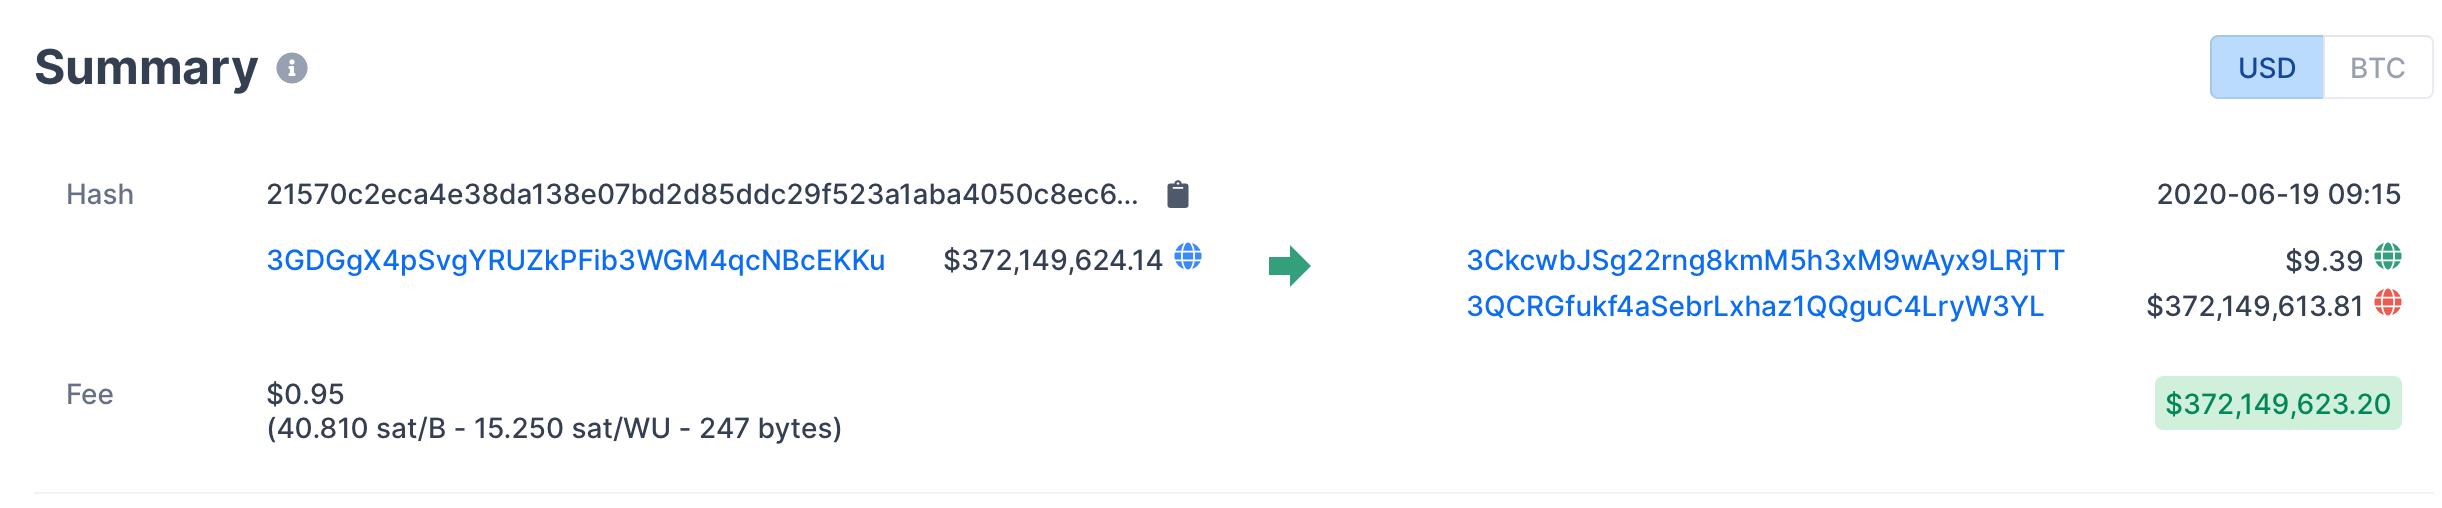 370 Milyon Dolarlık Bitcoin İşlemi Dikkat Çekti 1